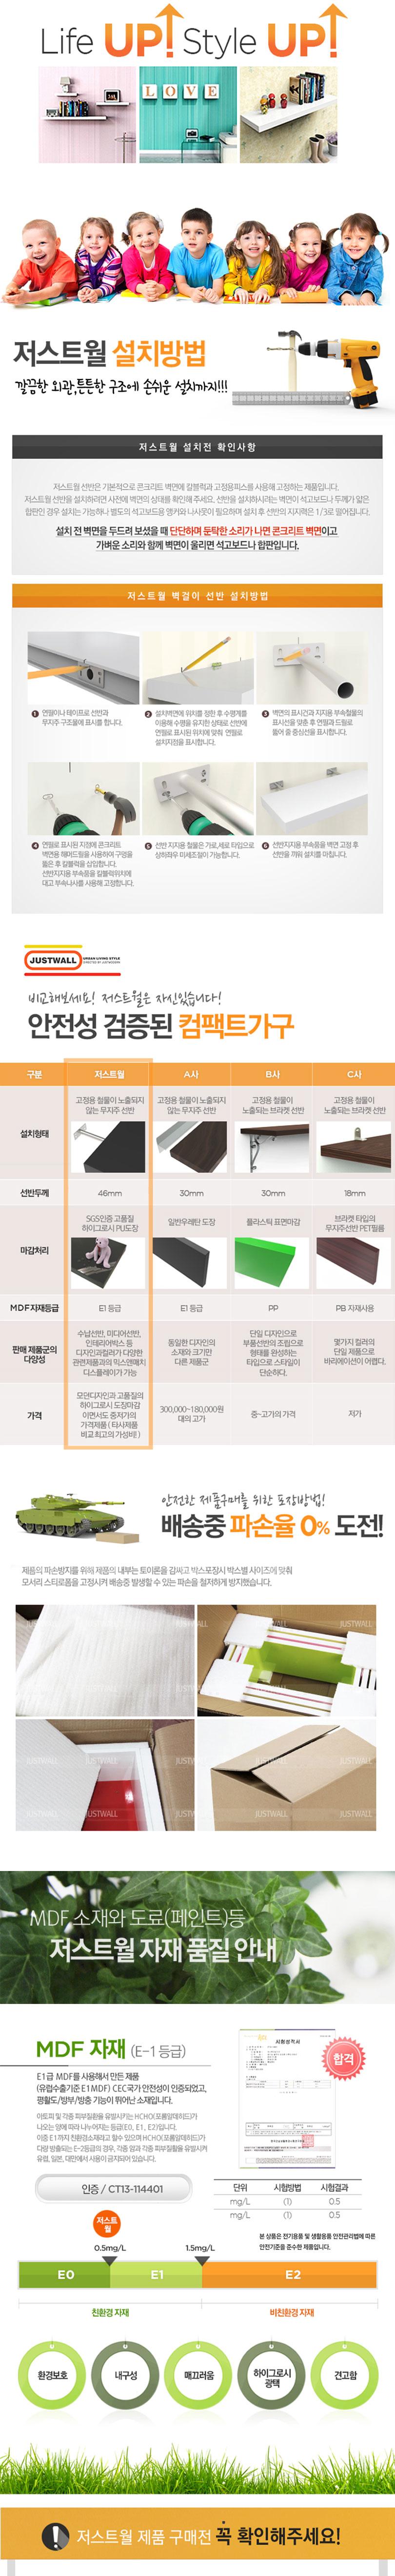 [저스트월] 하이그로시 벽걸이 무지주선반-120 (2종/택1) - 저스트모던, 37,900원, 수납/선반장, 벽선반